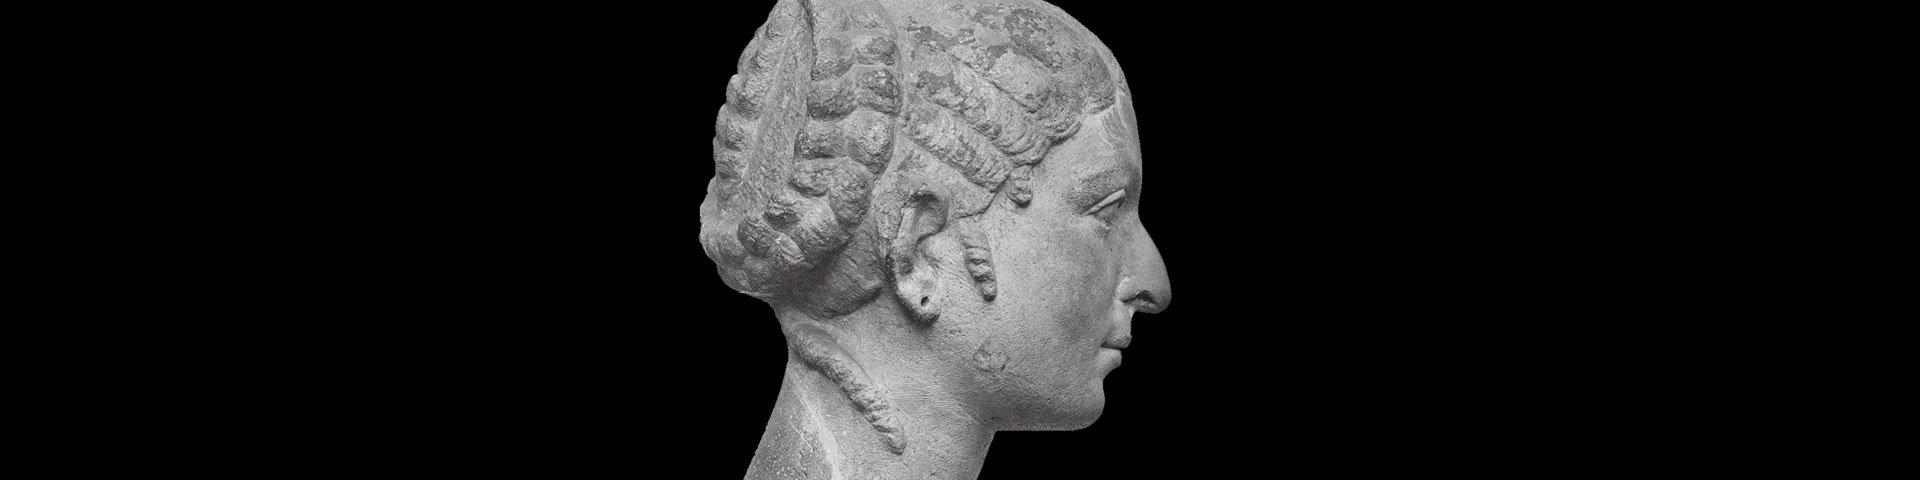 Cleopatra, una reina en la encrucijada. Entre Oriente y Occidente